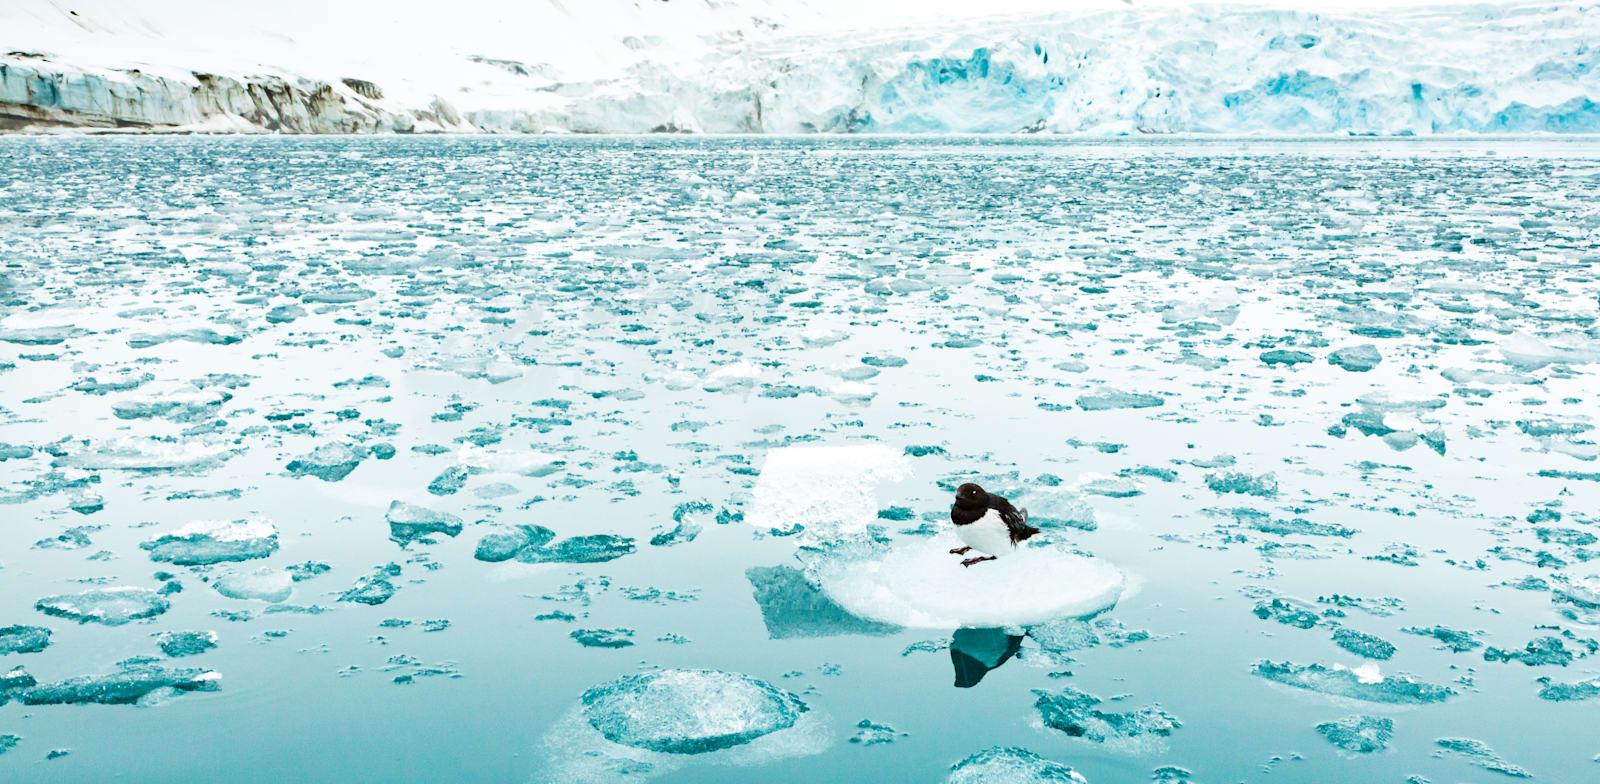 יונת ים בודדה על קרחון באזור האוקיינוס הארקטי